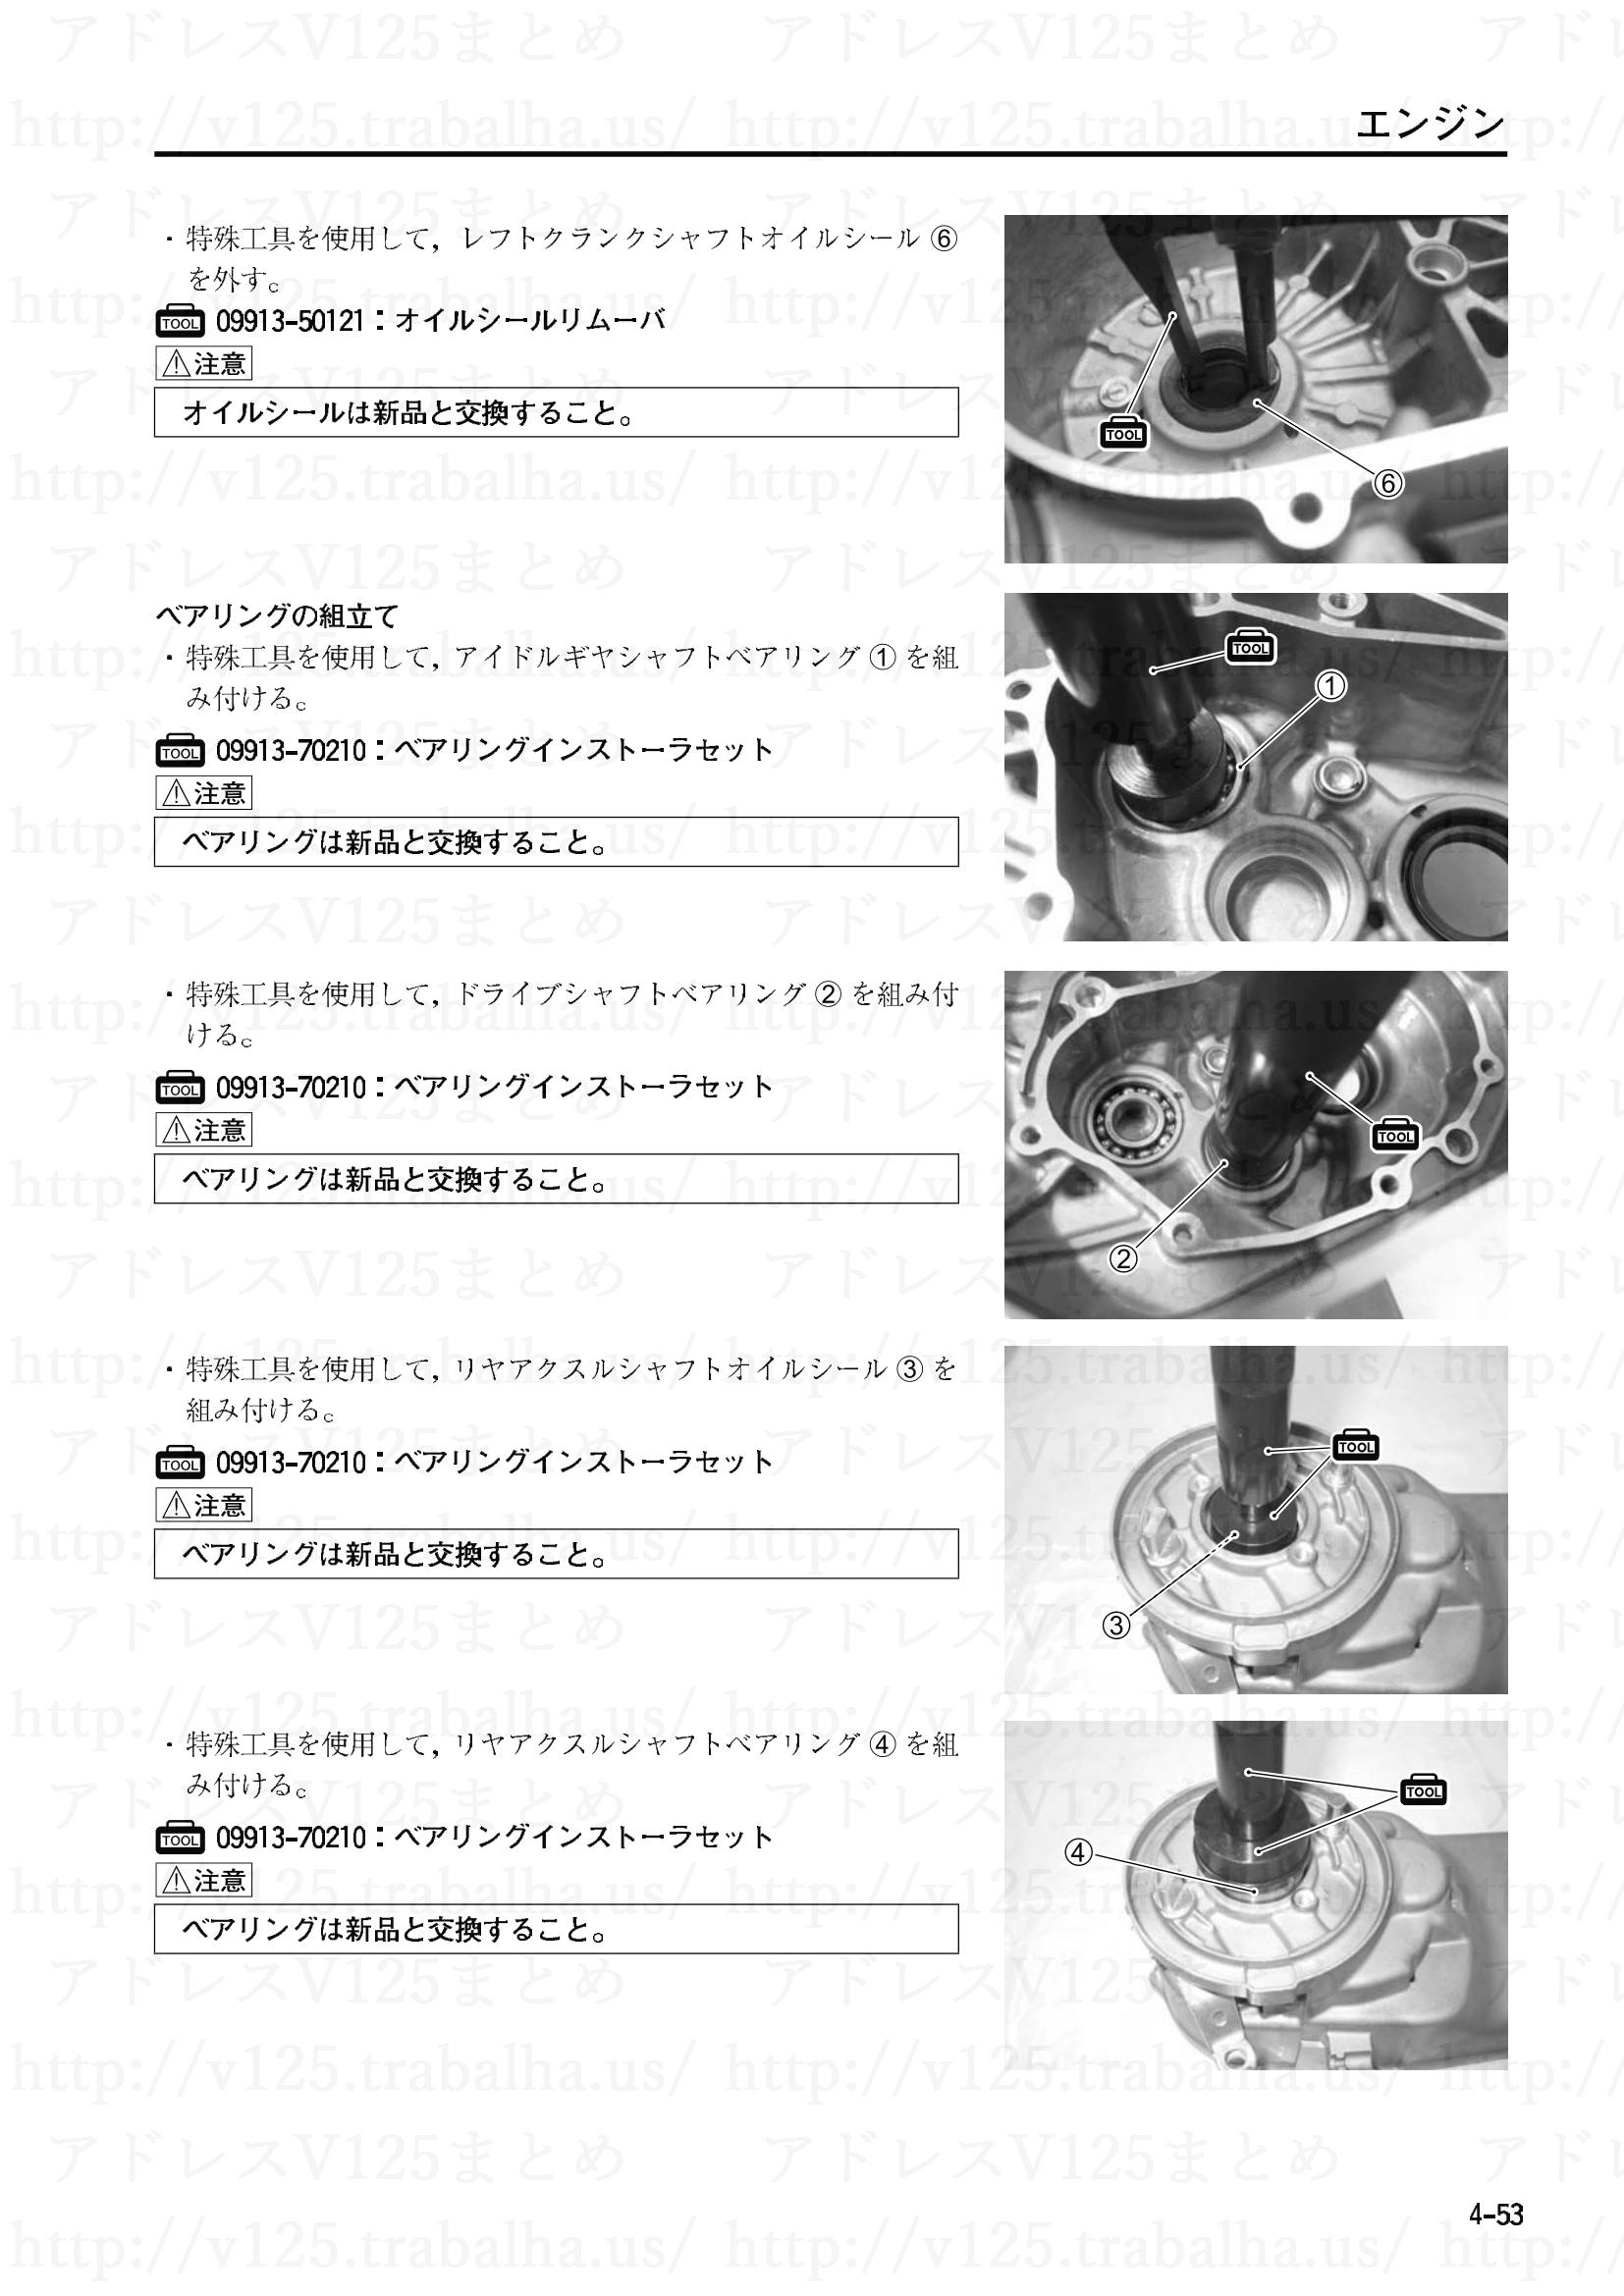 4-53【エンジン】エンジン部組部品の点検31